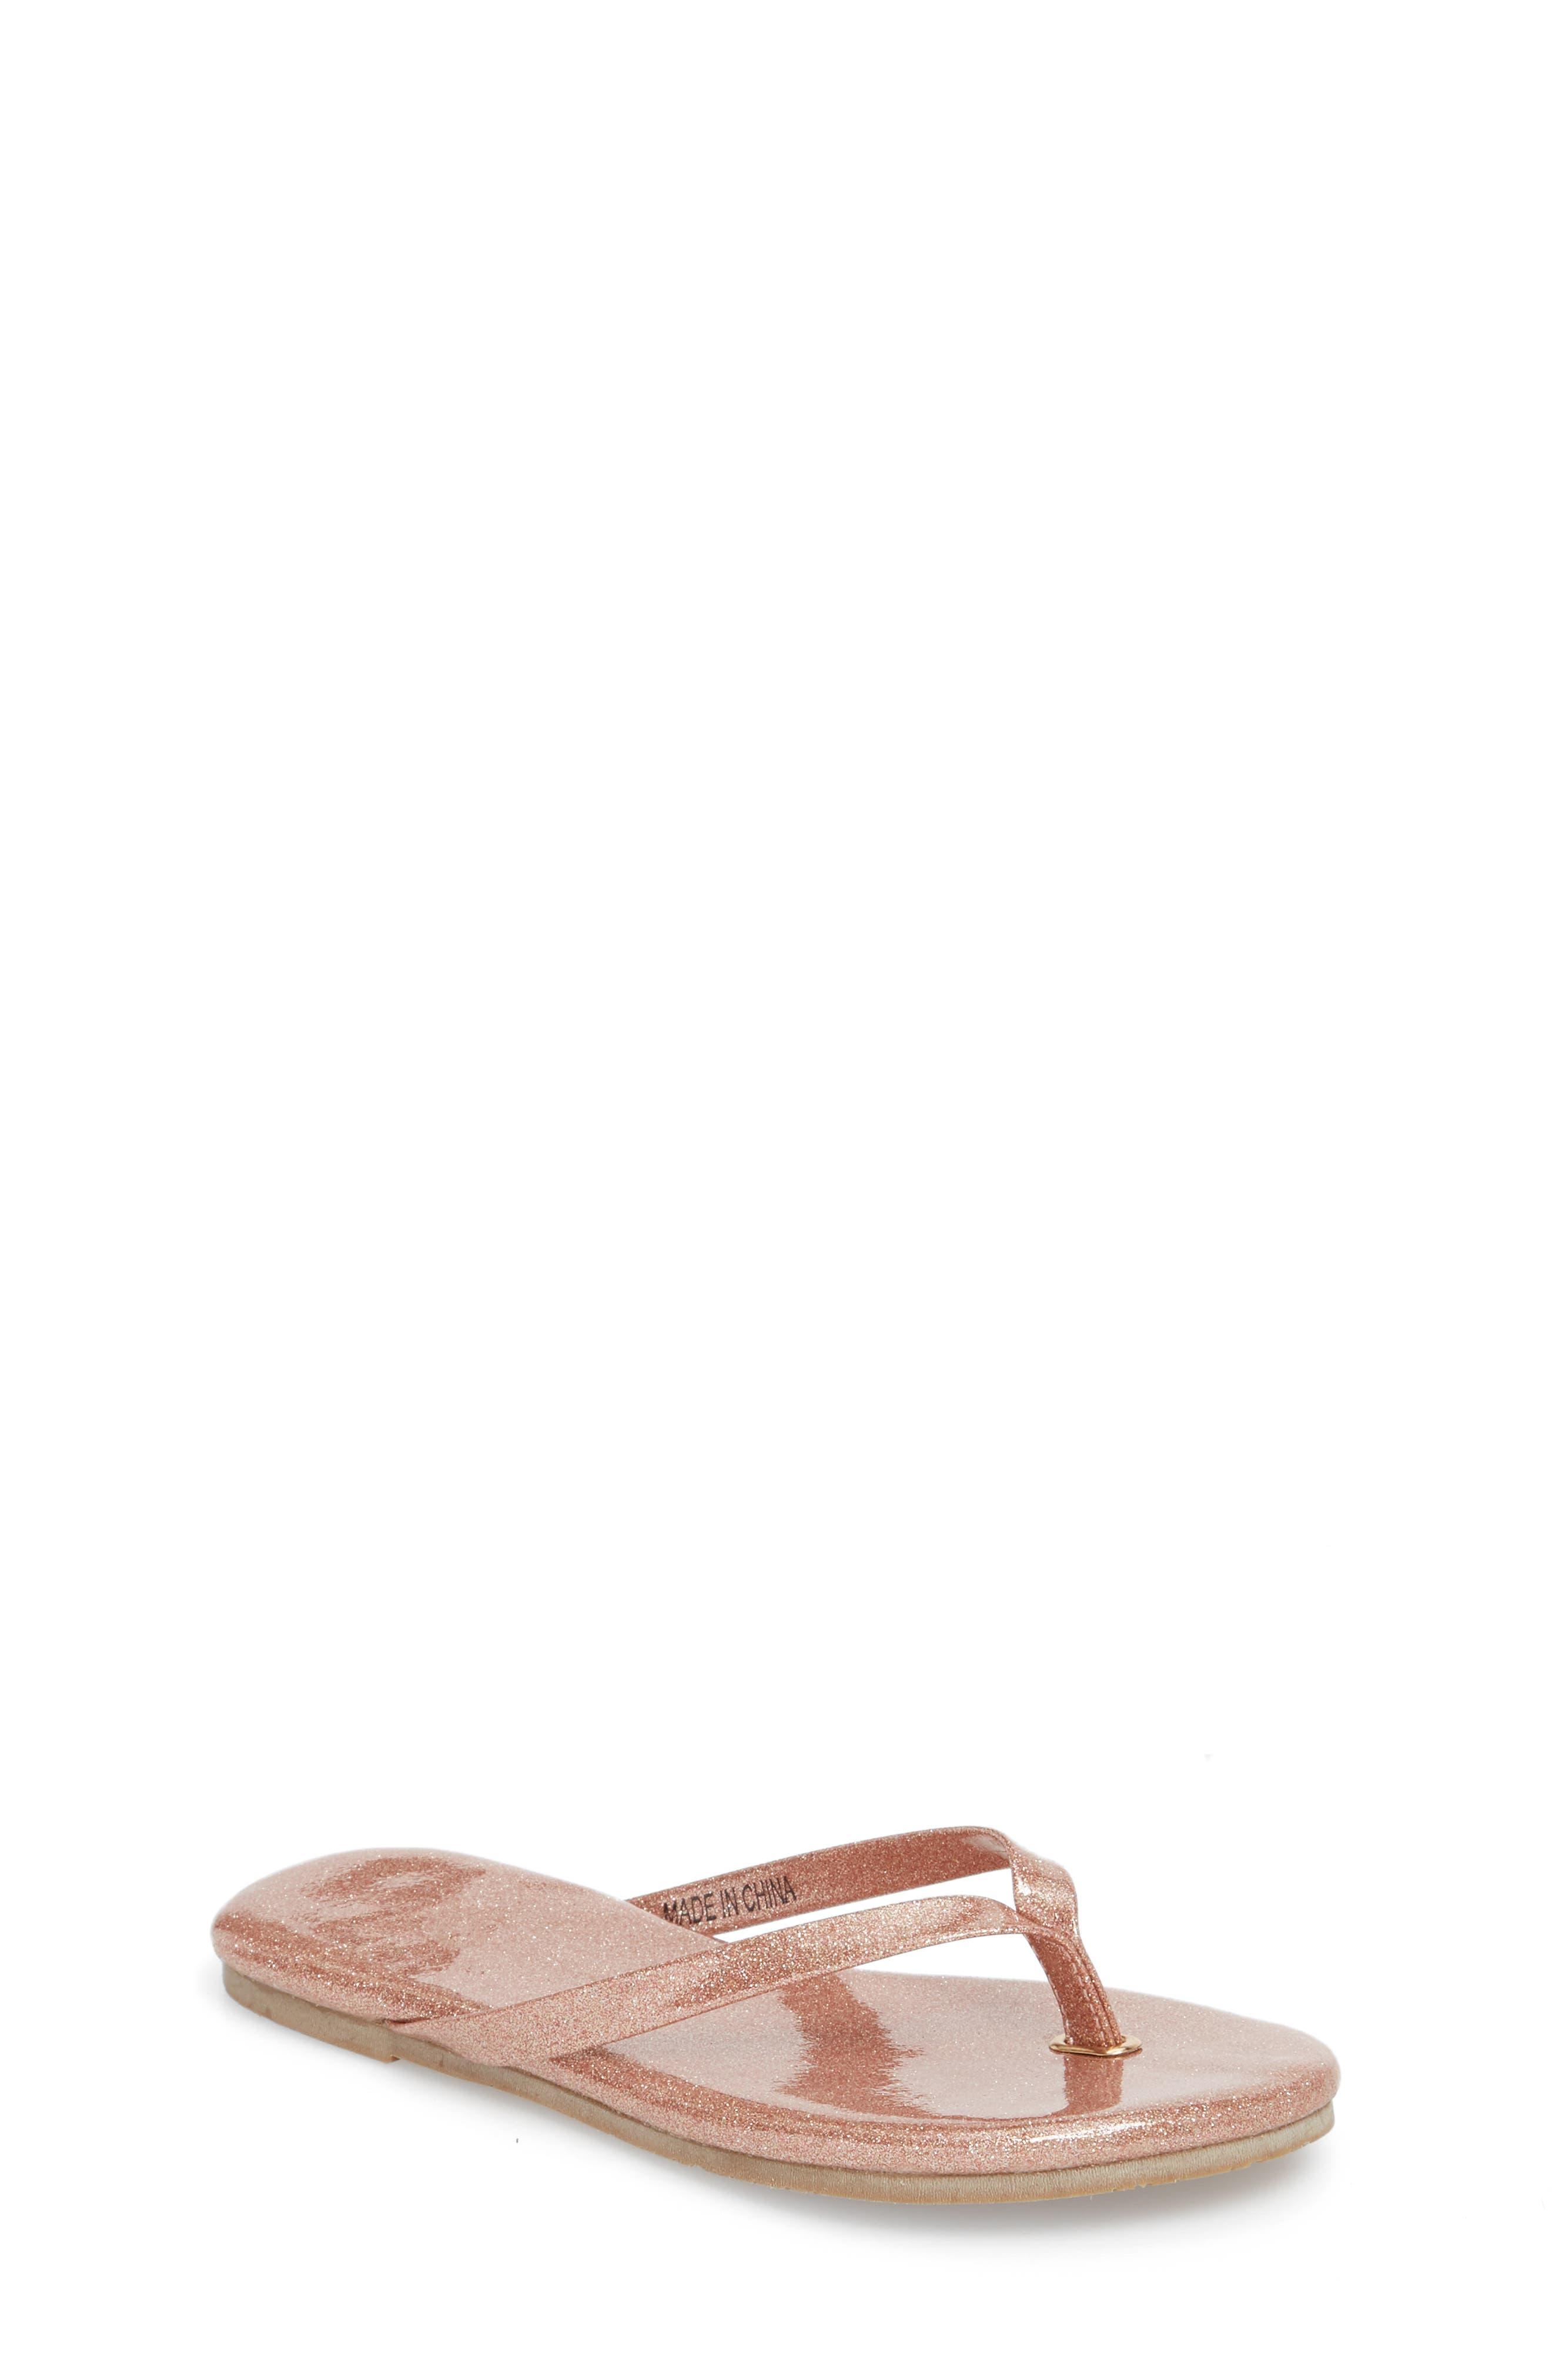 Rivington Flip Flop,                         Main,                         color, Light Pink Patent Glitter